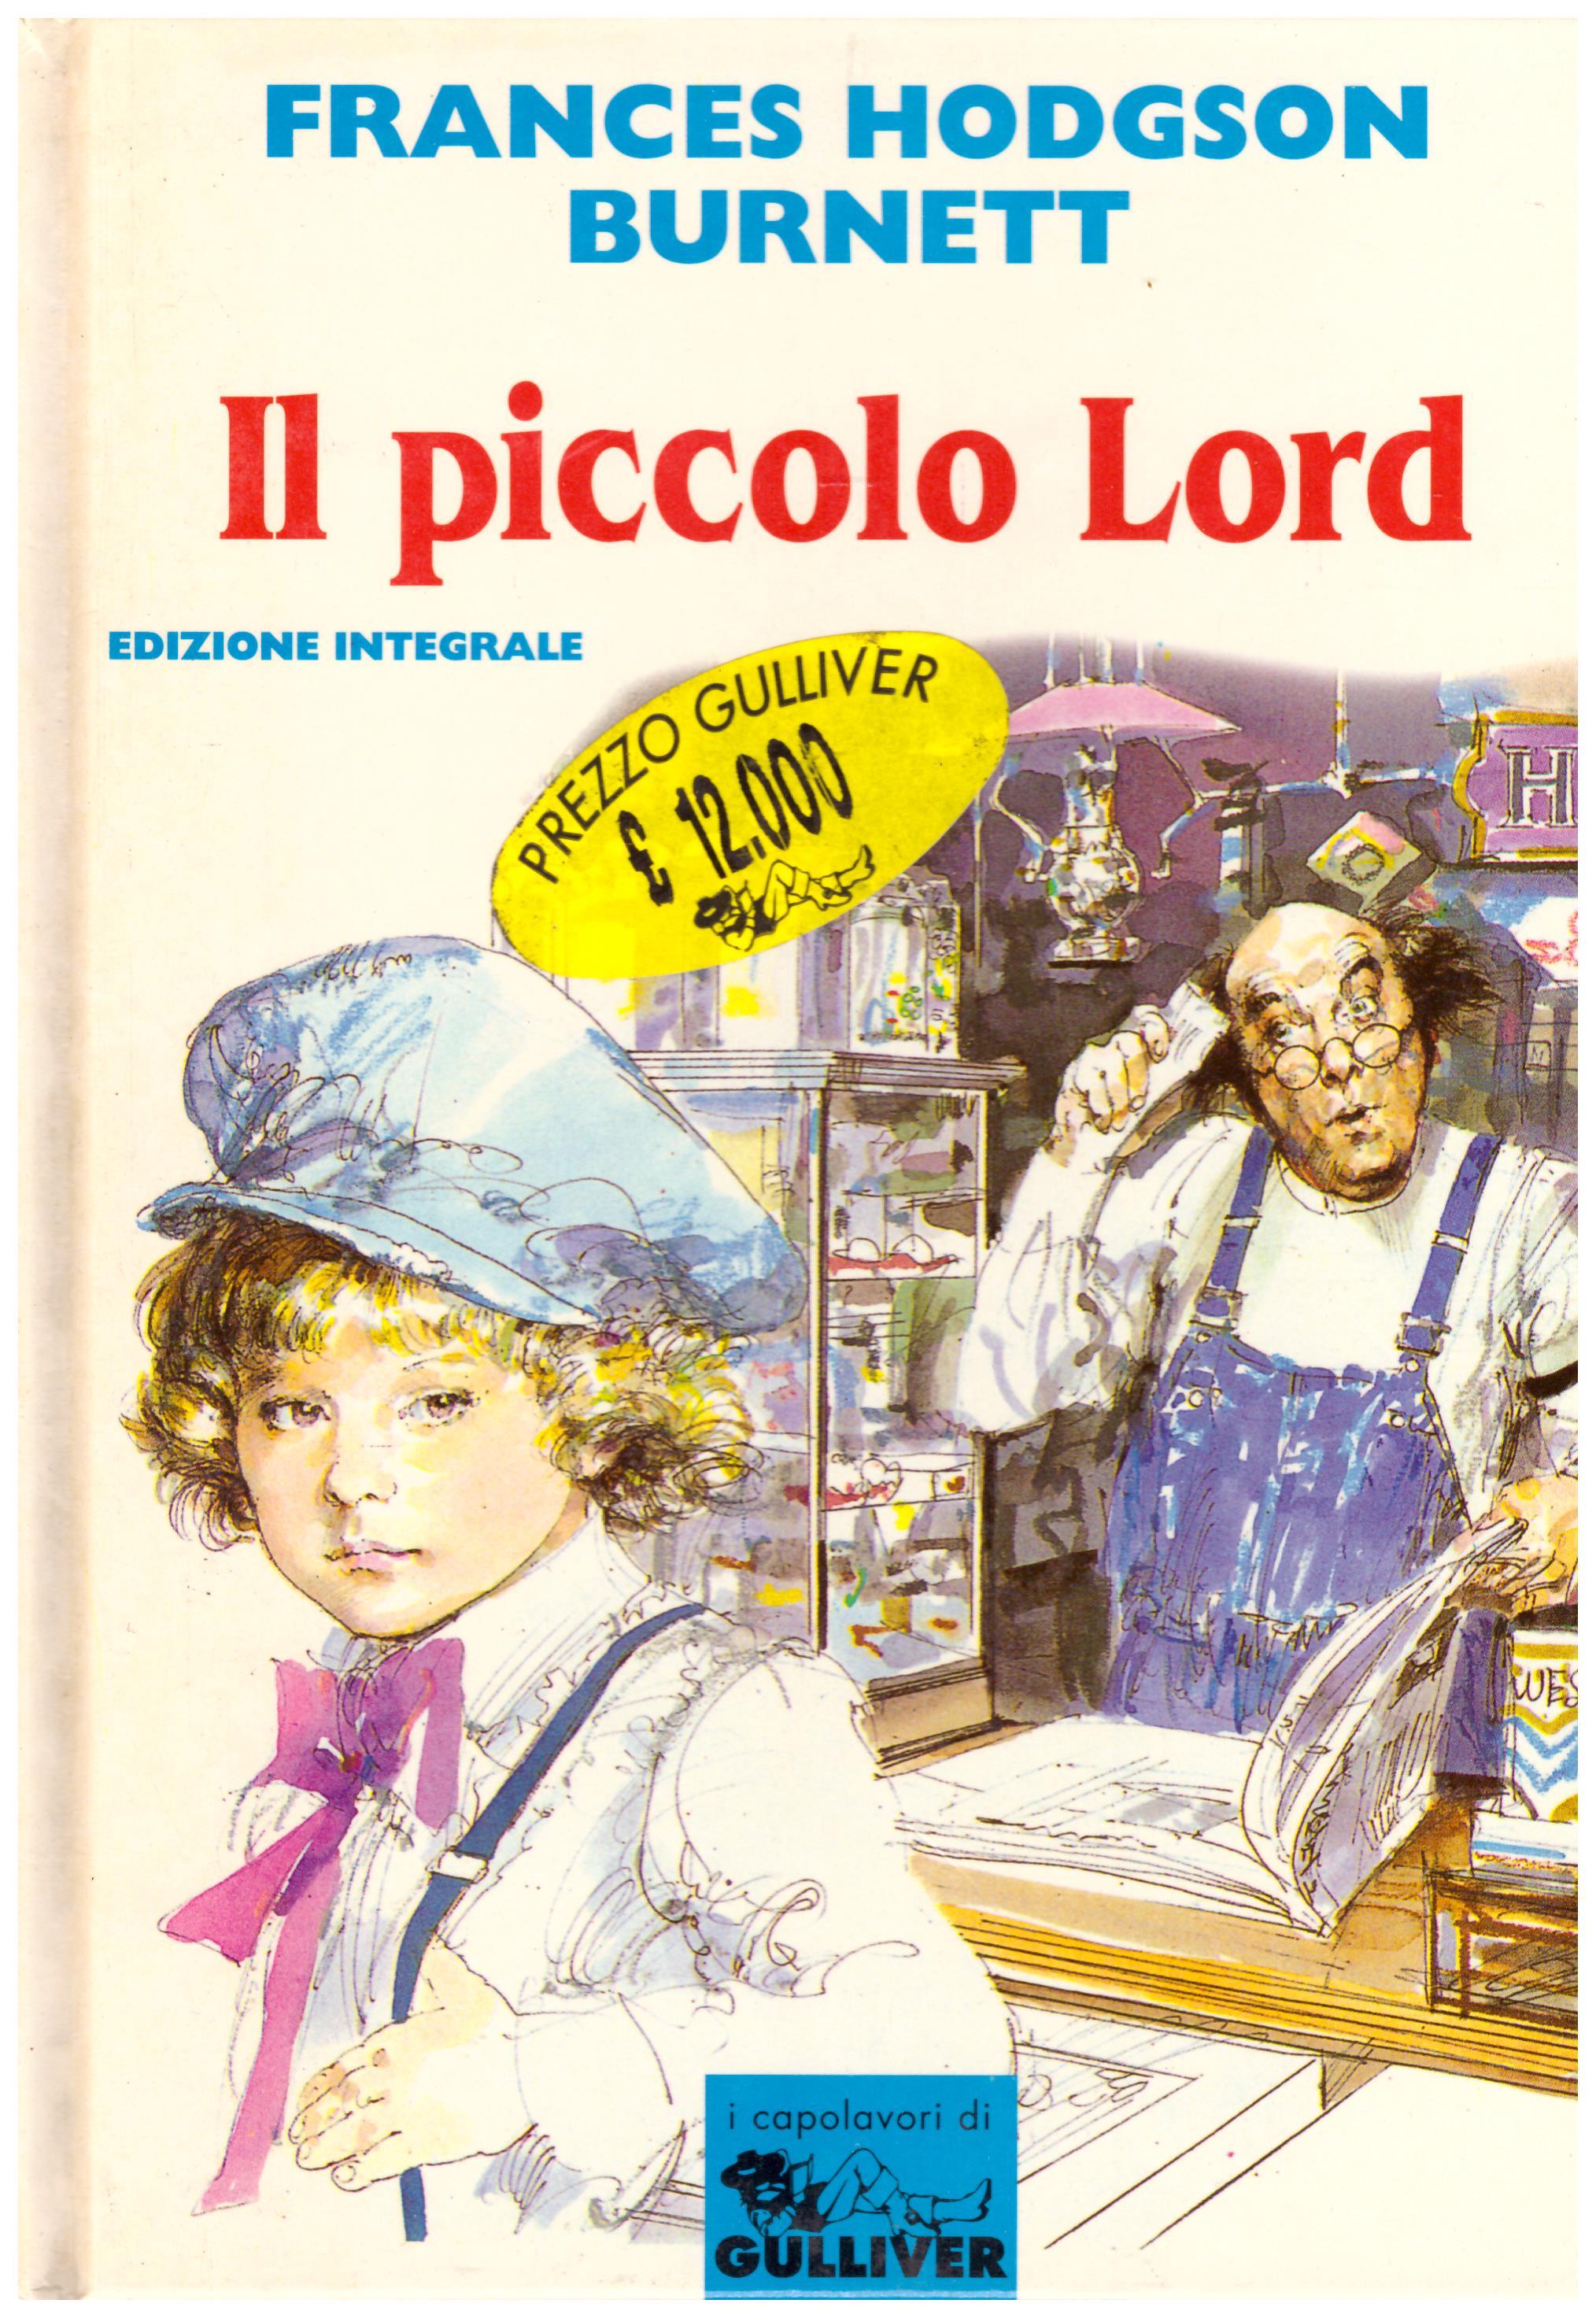 Titolo: Il piccolo lord Autore: Frances Hodgson Burnett Editore: Gulliver, 1995